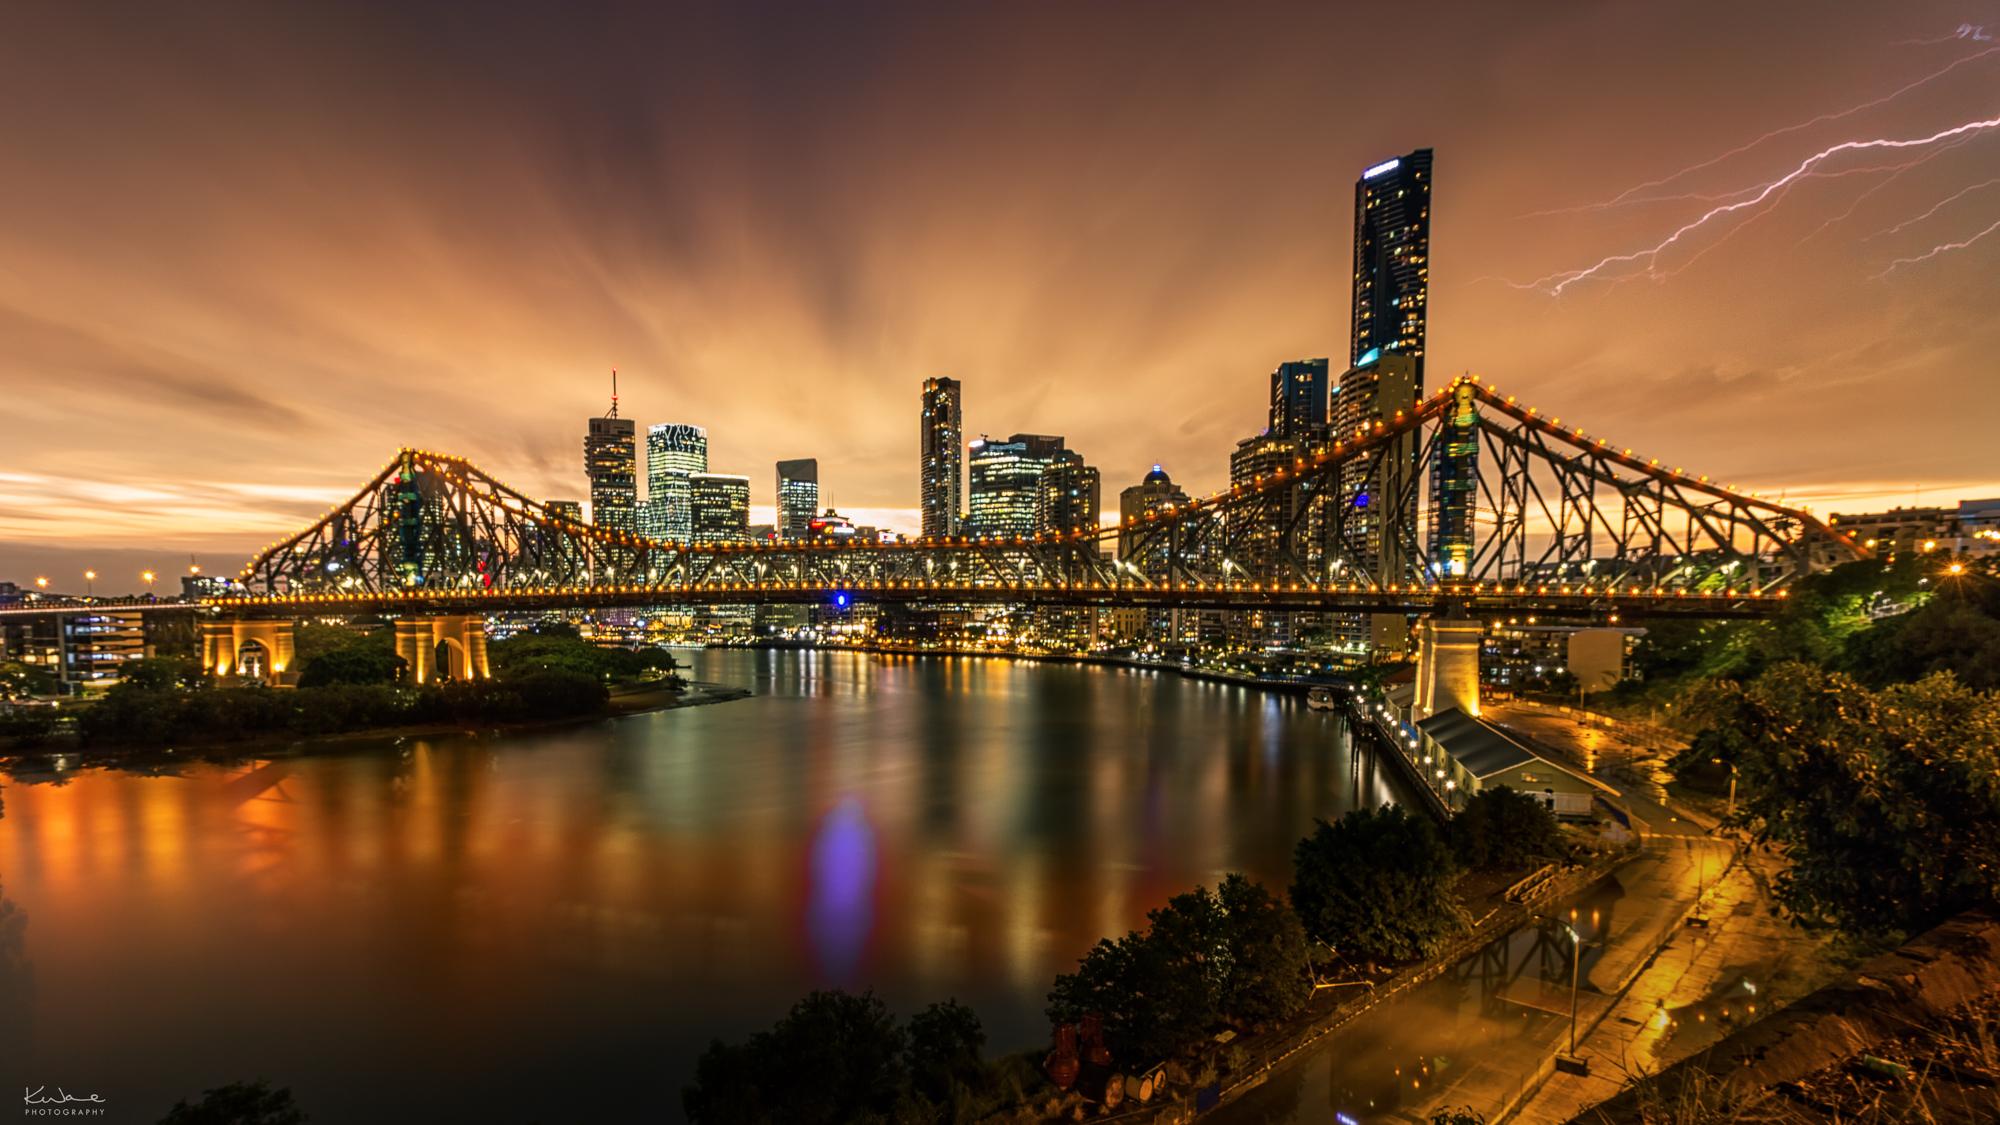 Fotografía de puentes y rayos - 2000x1125